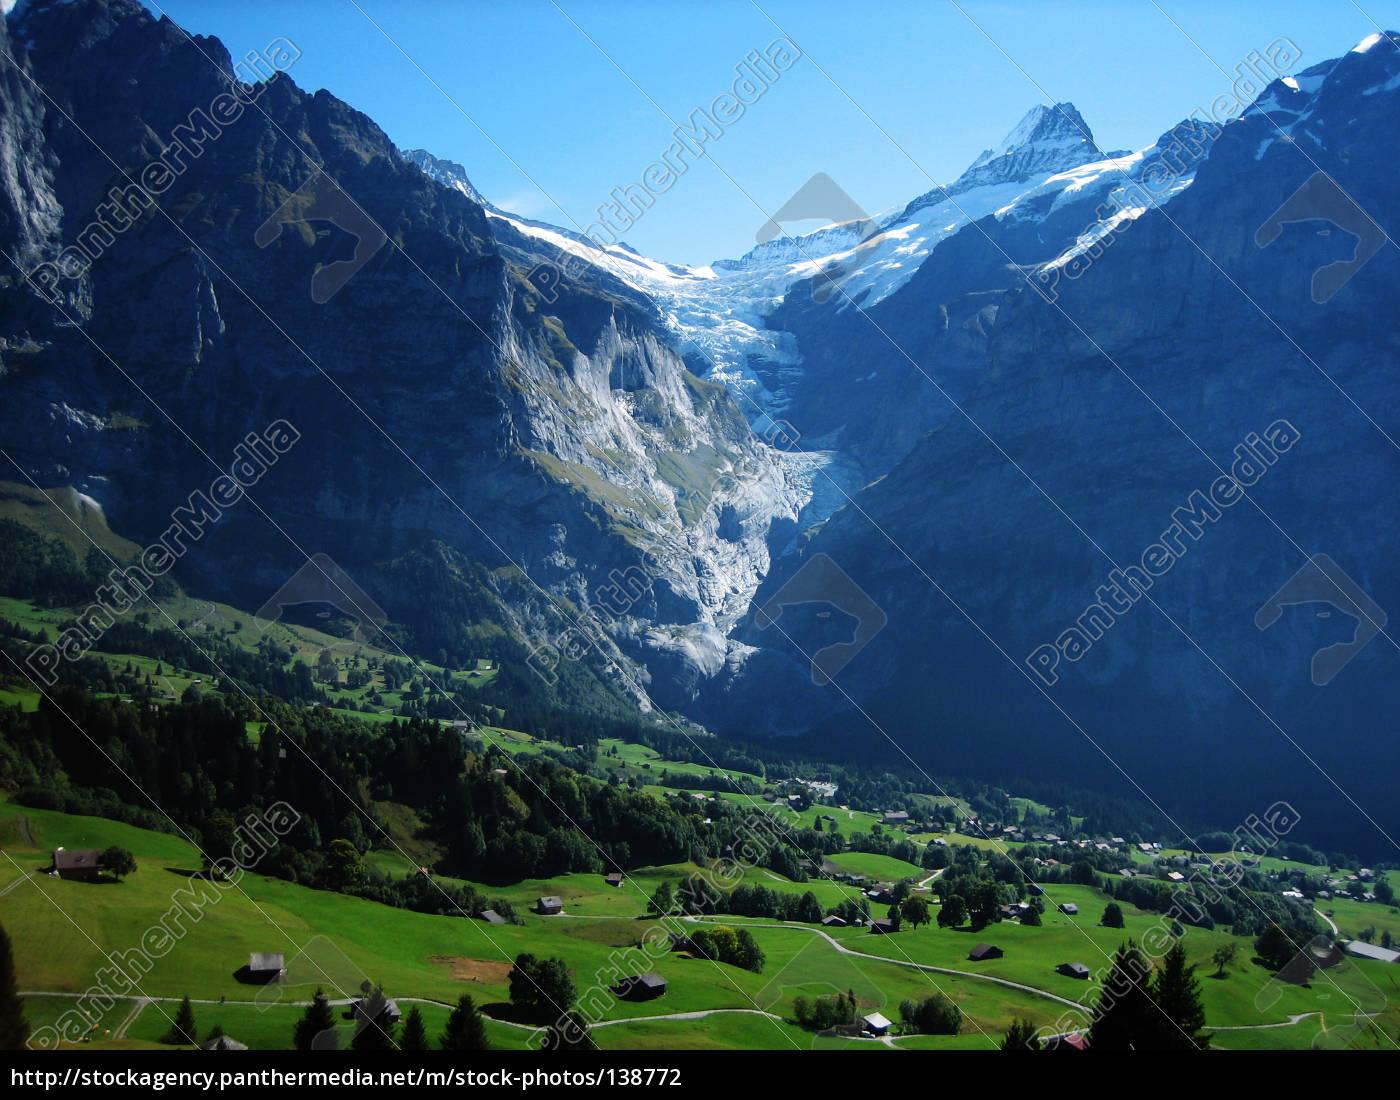 swiss, nature - 138772